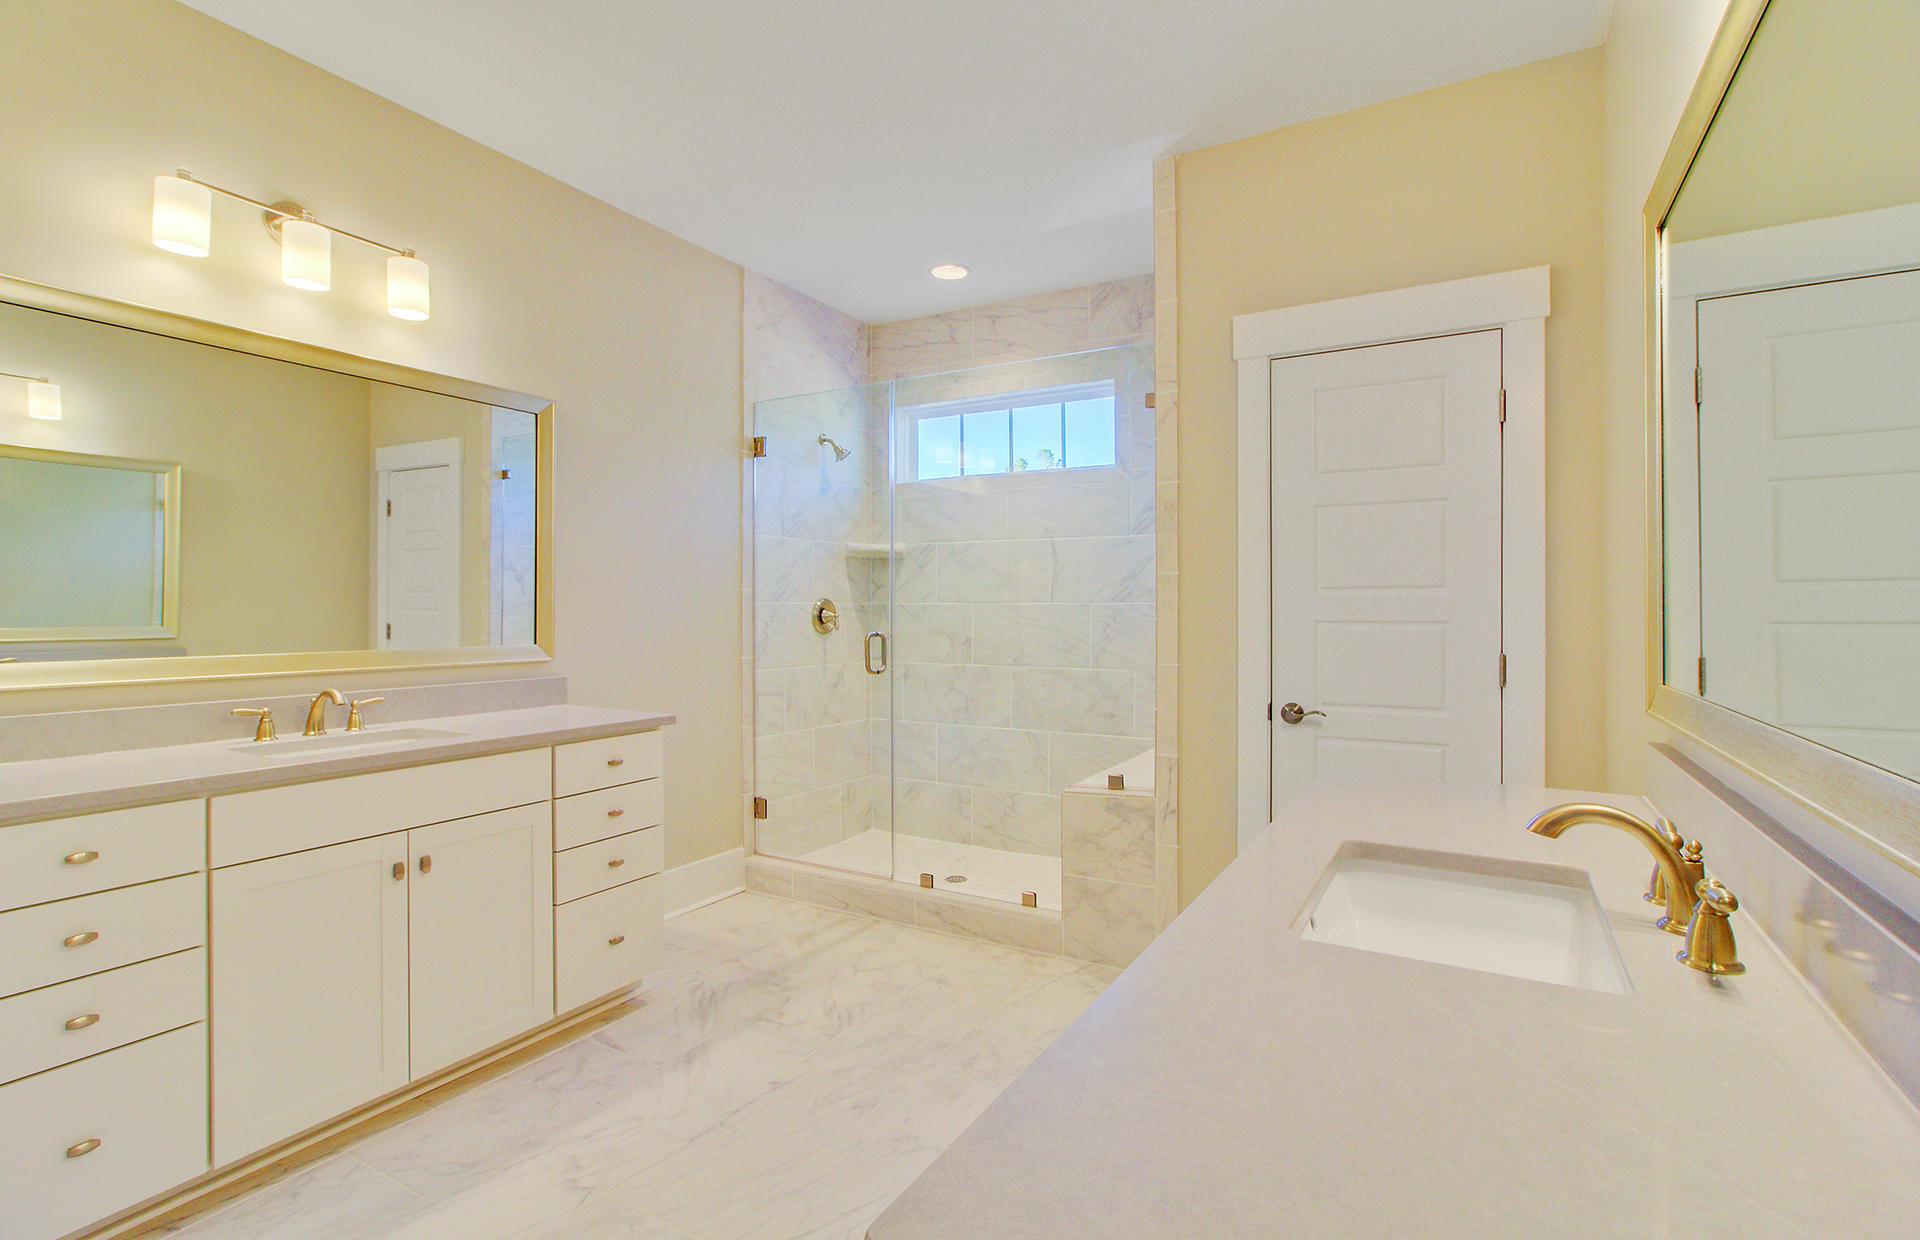 Dunes West Homes For Sale - 2420 Brackish, Mount Pleasant, SC - 2